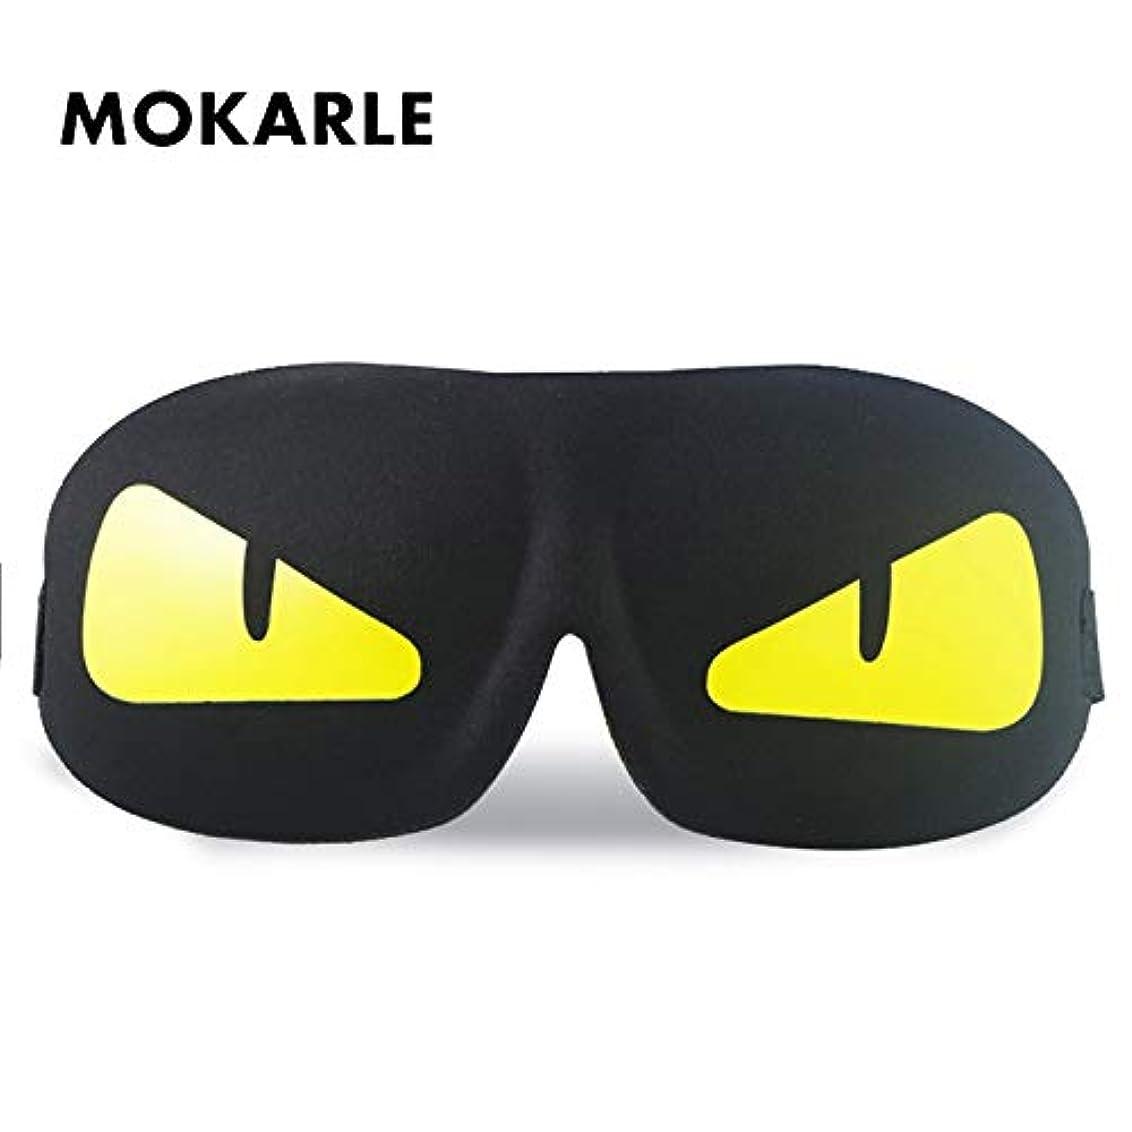 使い込むコウモリ回るNOTE 漫画アイマスク睡眠3d遮光アウト睡眠マスクかわいいパターン睡眠補助旅行残りの通気性の目隠しより良い睡眠